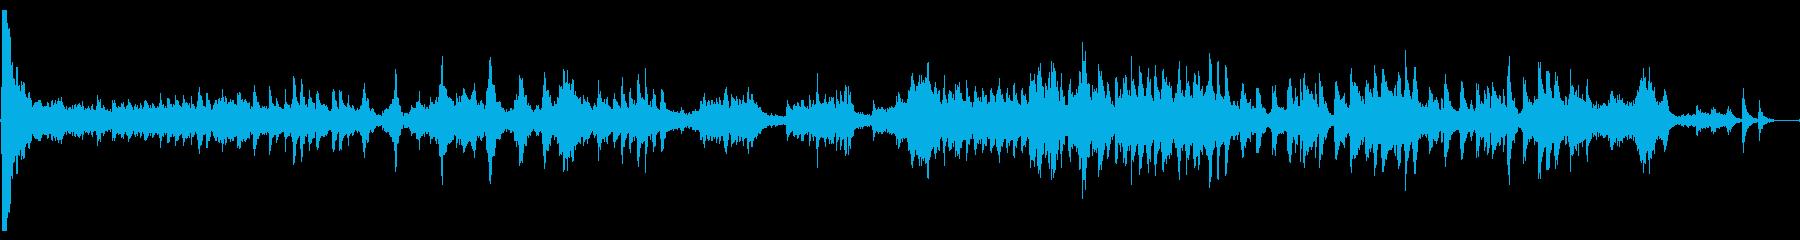 パニック・緊迫「熊蜂の飛行」オーケストラの再生済みの波形